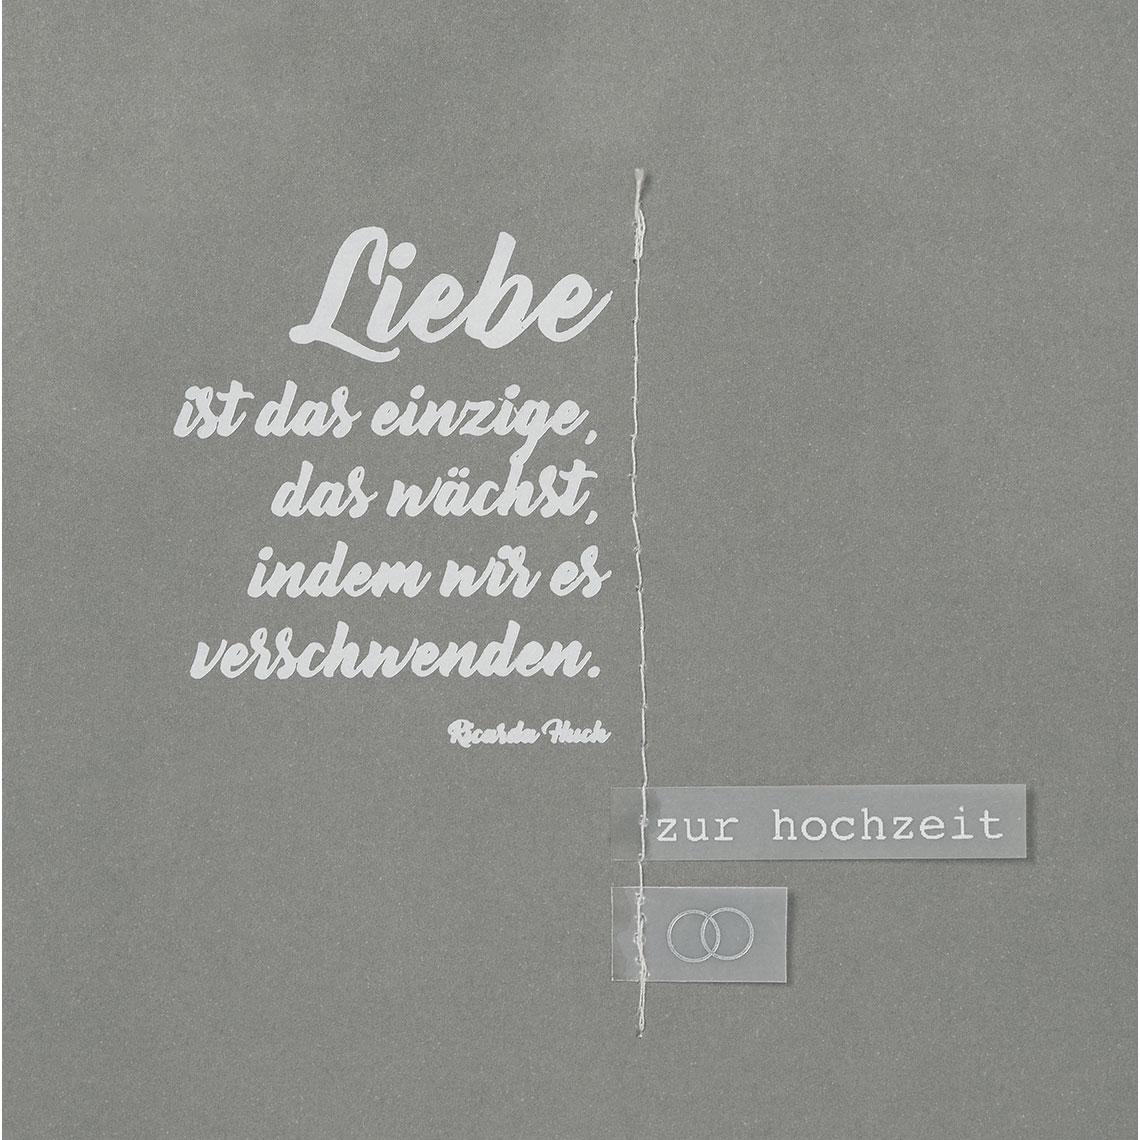 Hochzeitskarte Gluckwunsch A4 Hochzeitskarte Gross Sanfte Farben